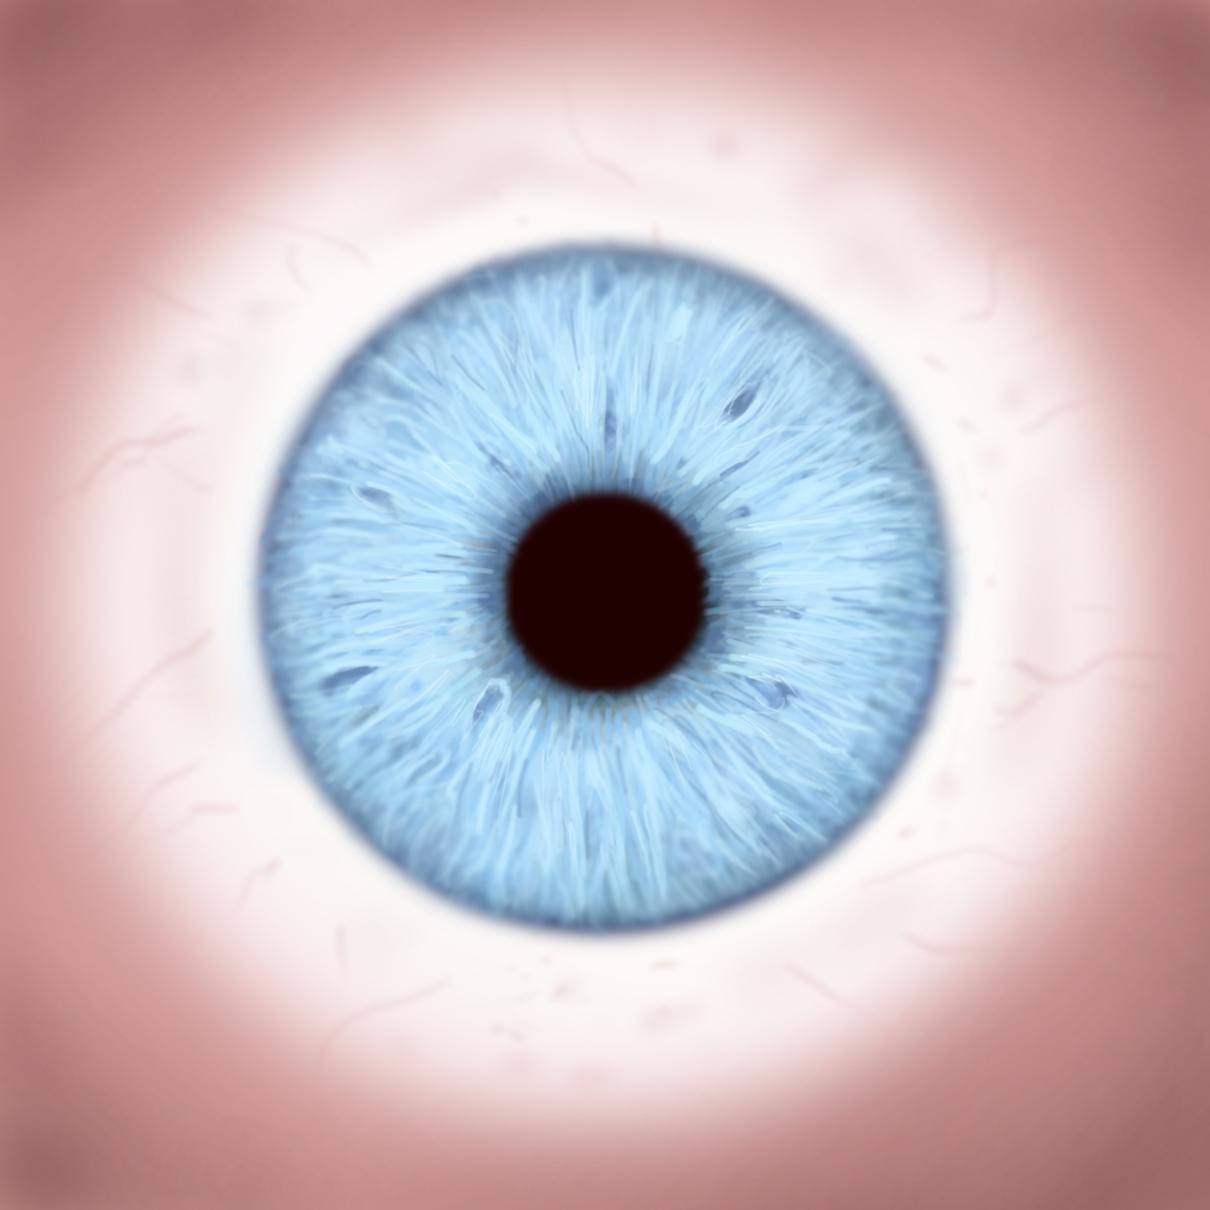 human-eye-texture-010 | RockThe3D